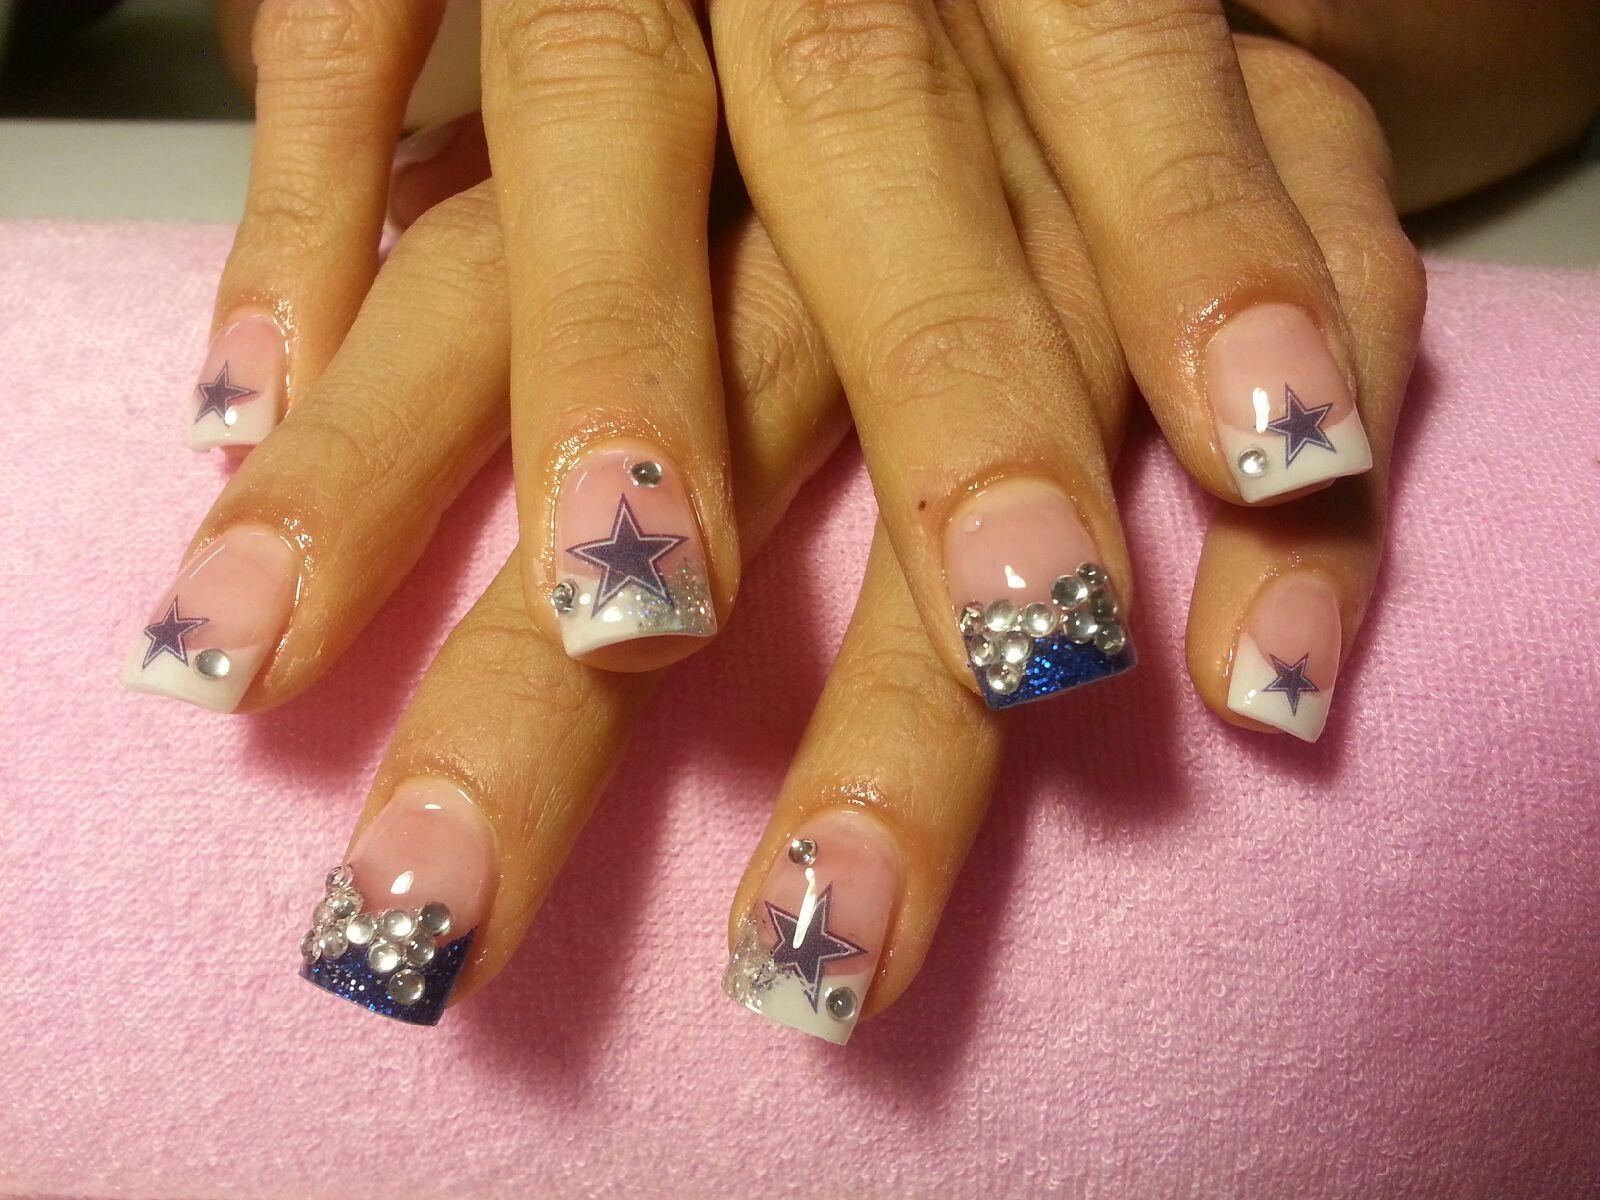 Dallas Cowboys nails | Nails | Pinterest | Dallas cowboys nails ...